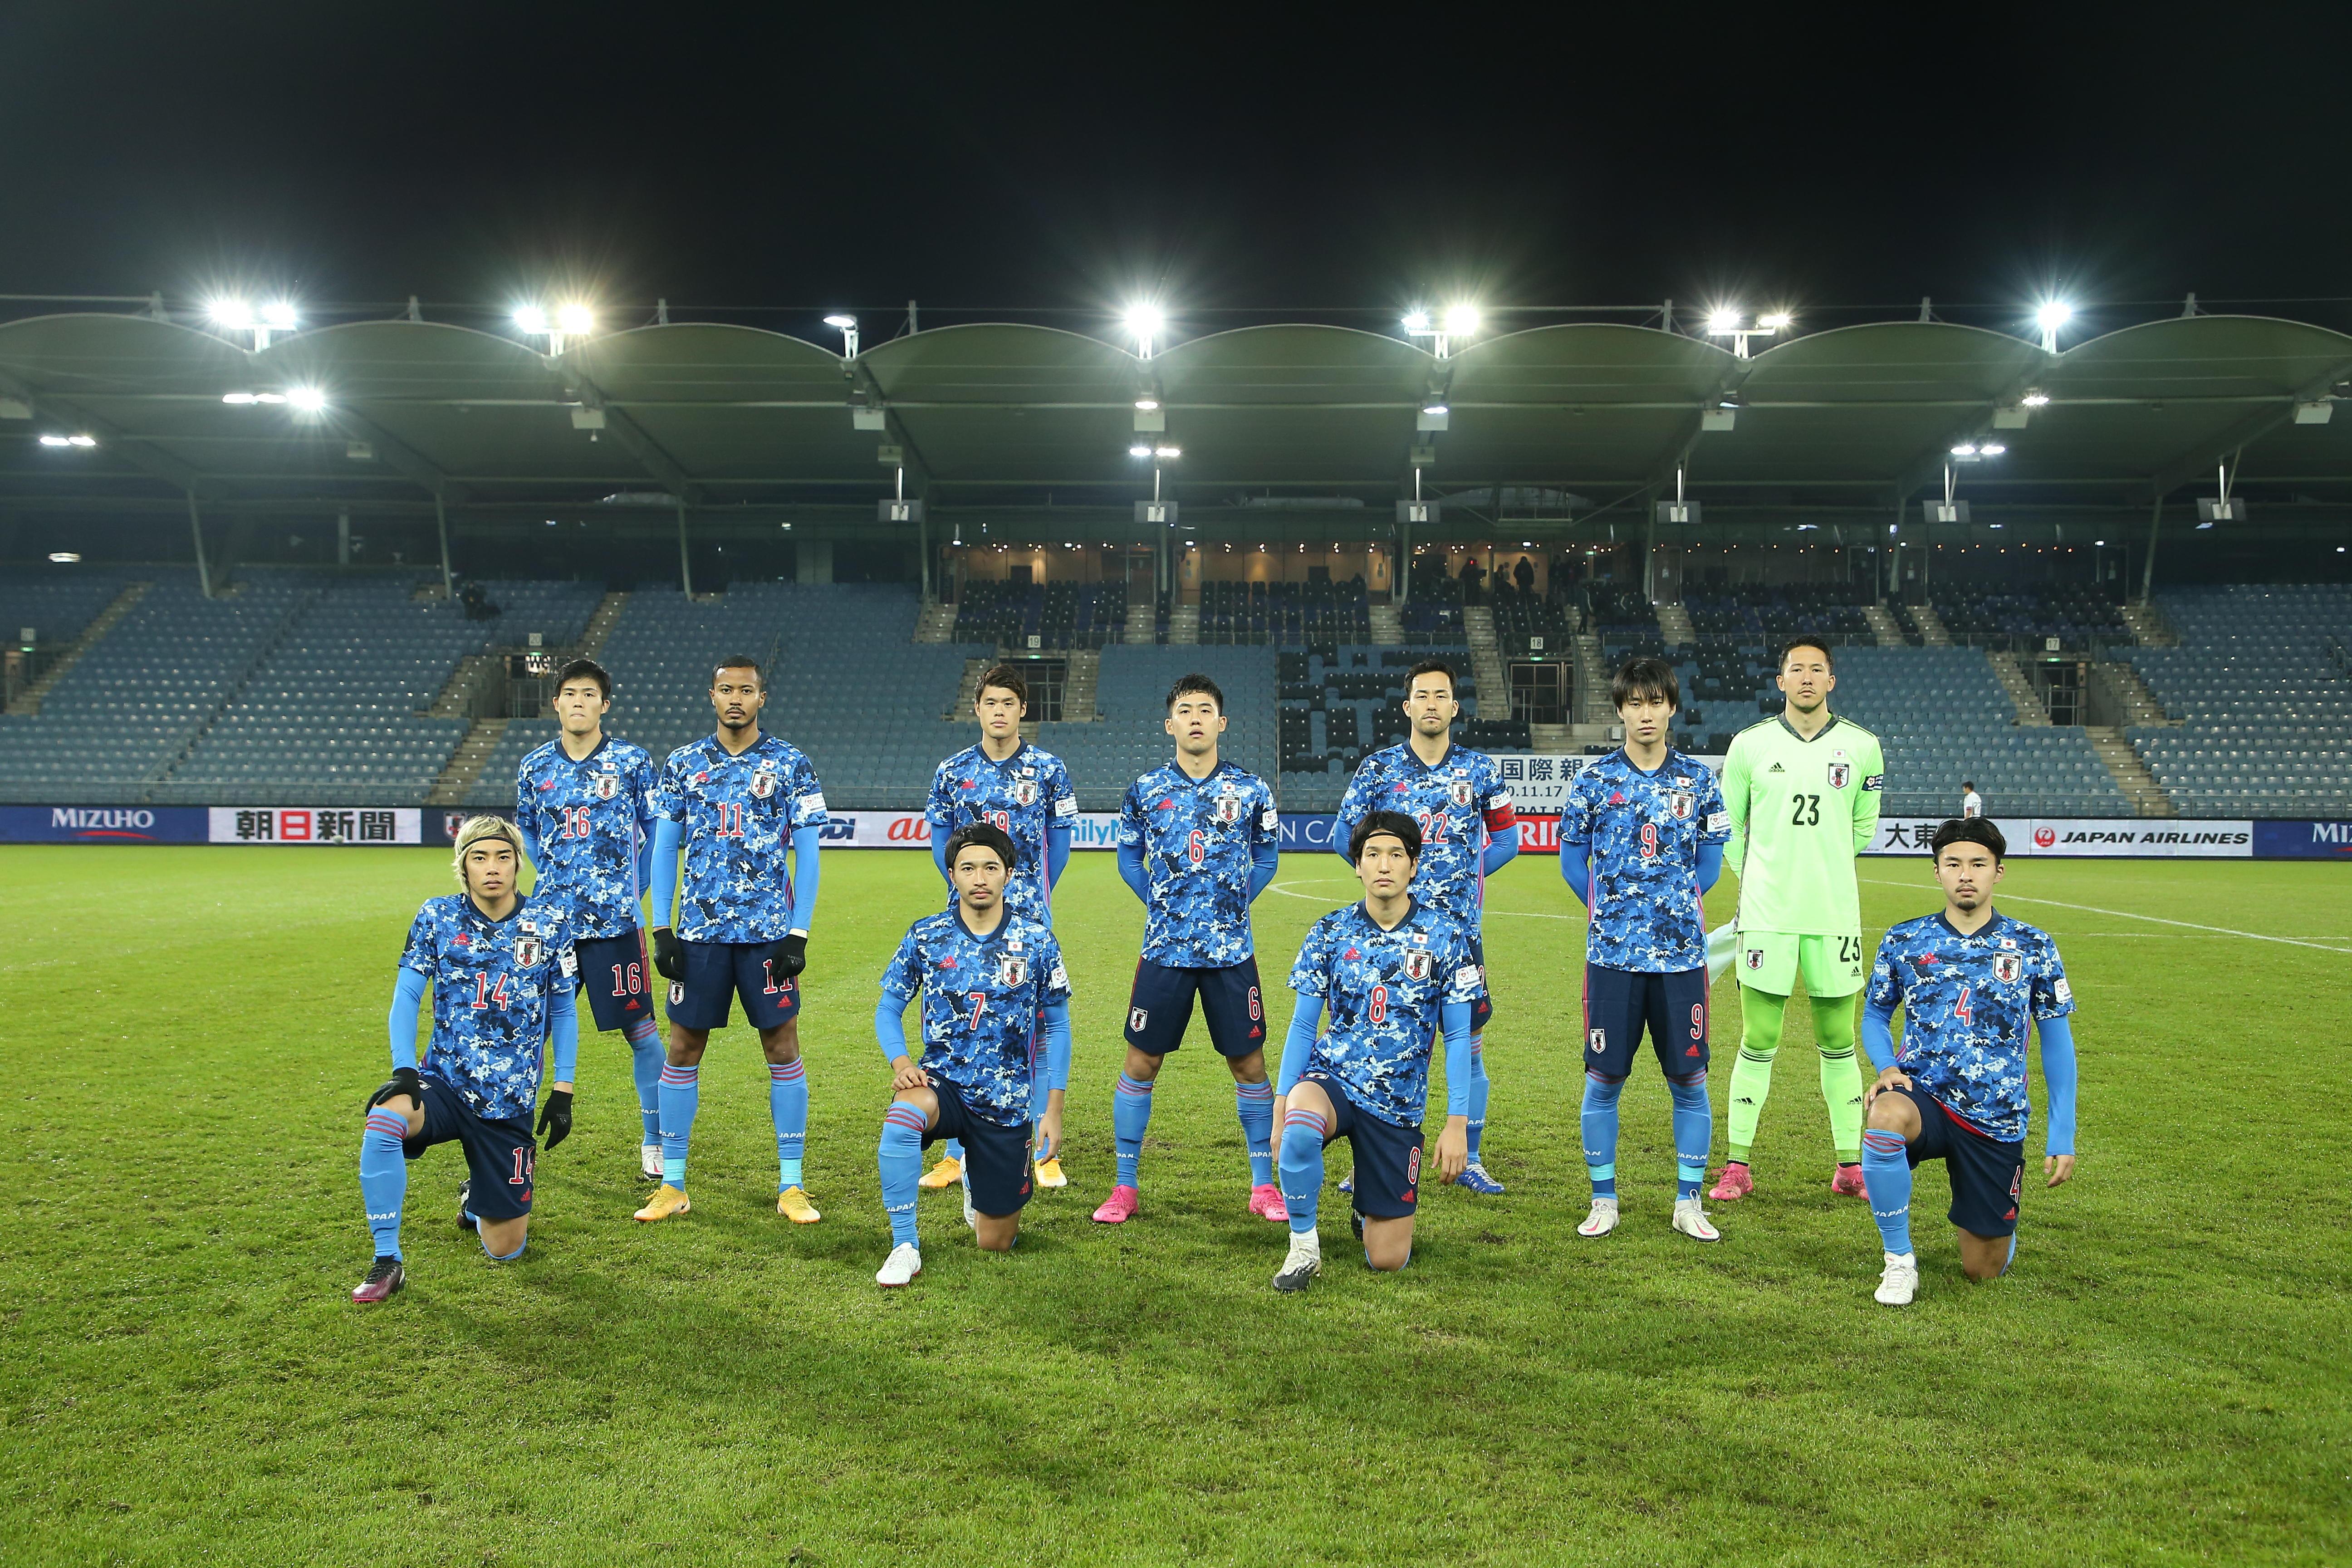 サッカー日本代表 メキシコ戦で確認した差と課題